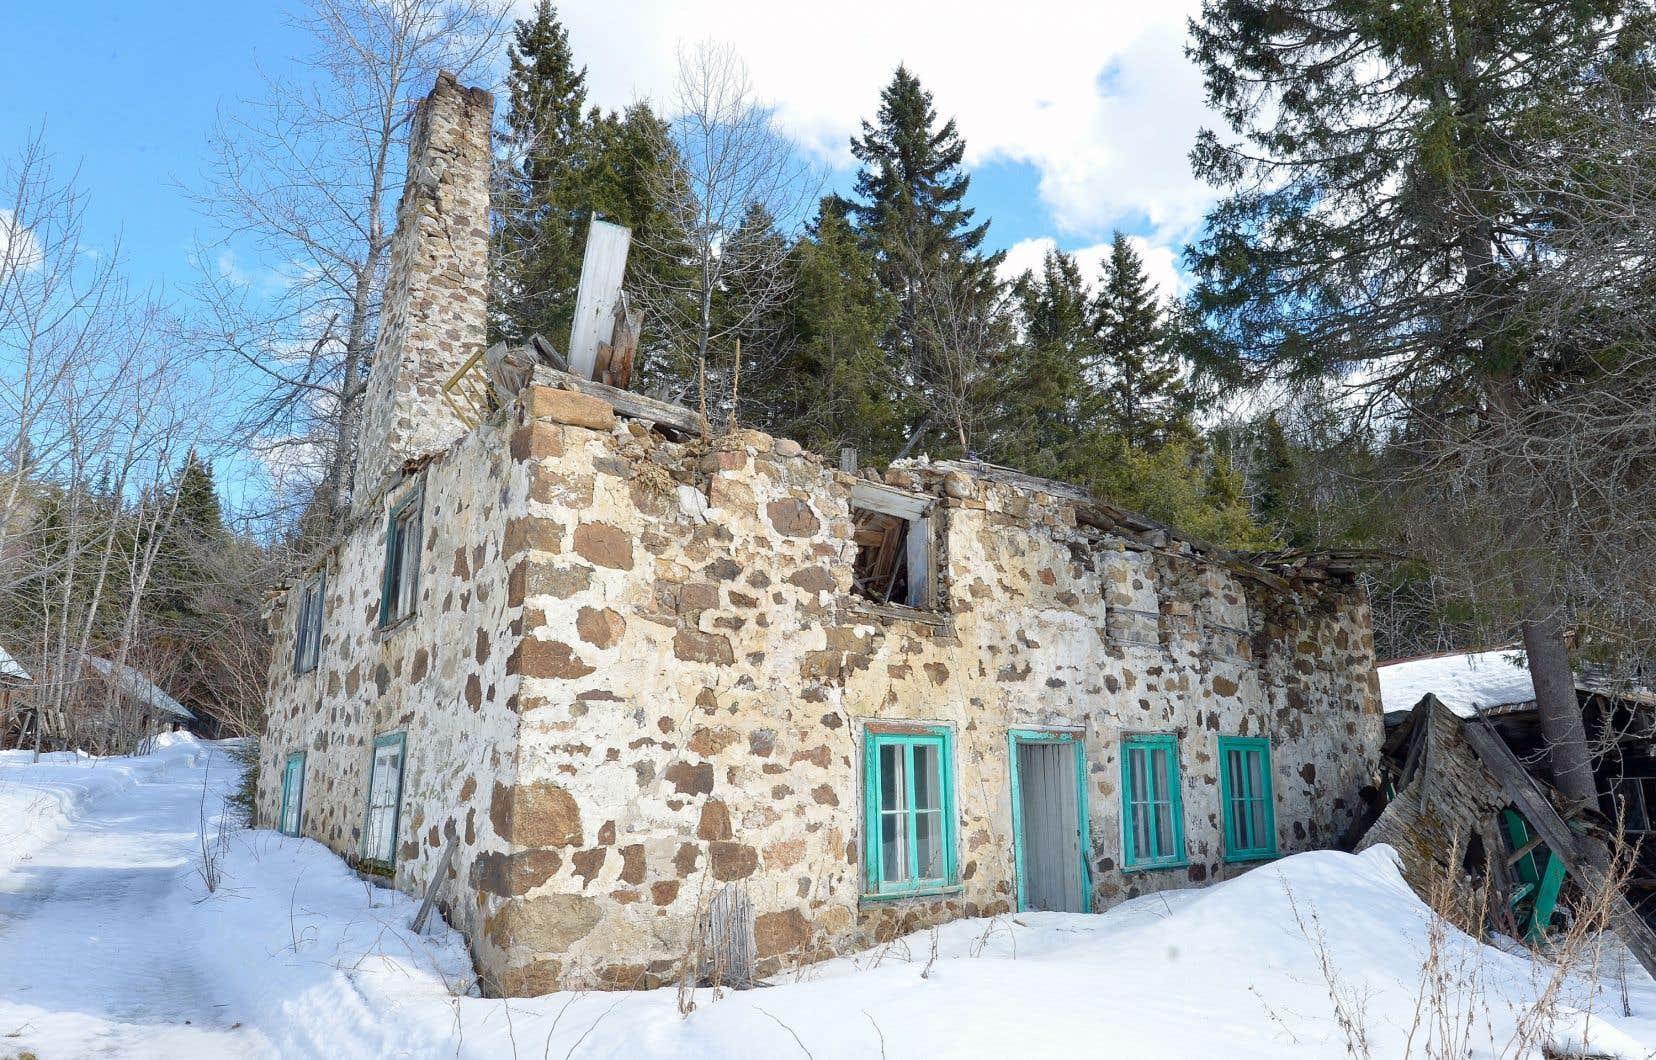 Dans un rapport divulgué en juin, la vérificatrice générale citait plusieurs cas de biens pourtant protégés et laissés néanmoins à l'abandon, dont celui du moulin du gouffre à Baie-Saint-Paul, qui a été classé en 1965 et qui s'est effondré à la fin des années 2000.